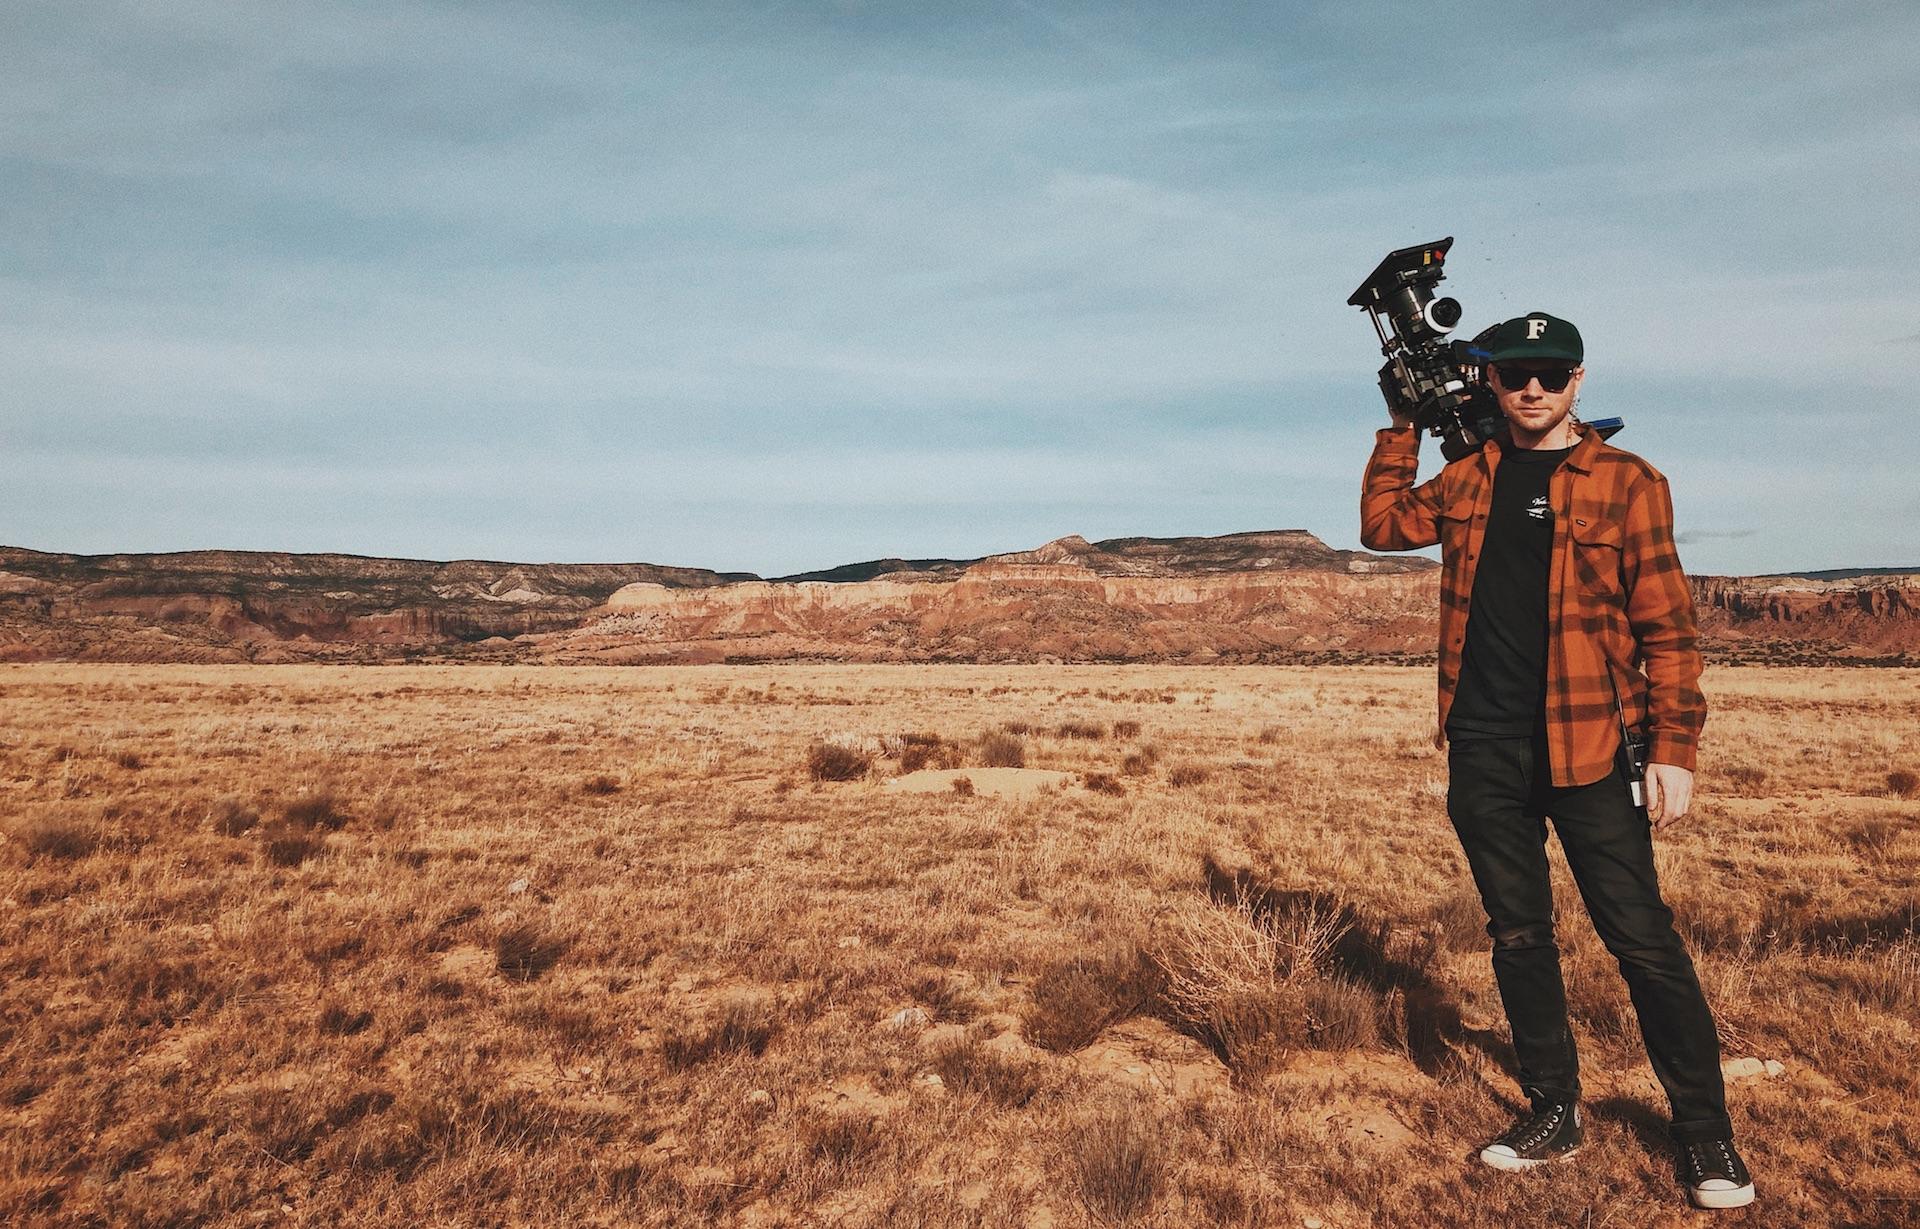 Neues aus dem Fernsehrat (55) - Dokumentarfilmer für neues Finanzierungsmodell mit Creative-Commons-Lizenzen [Update]